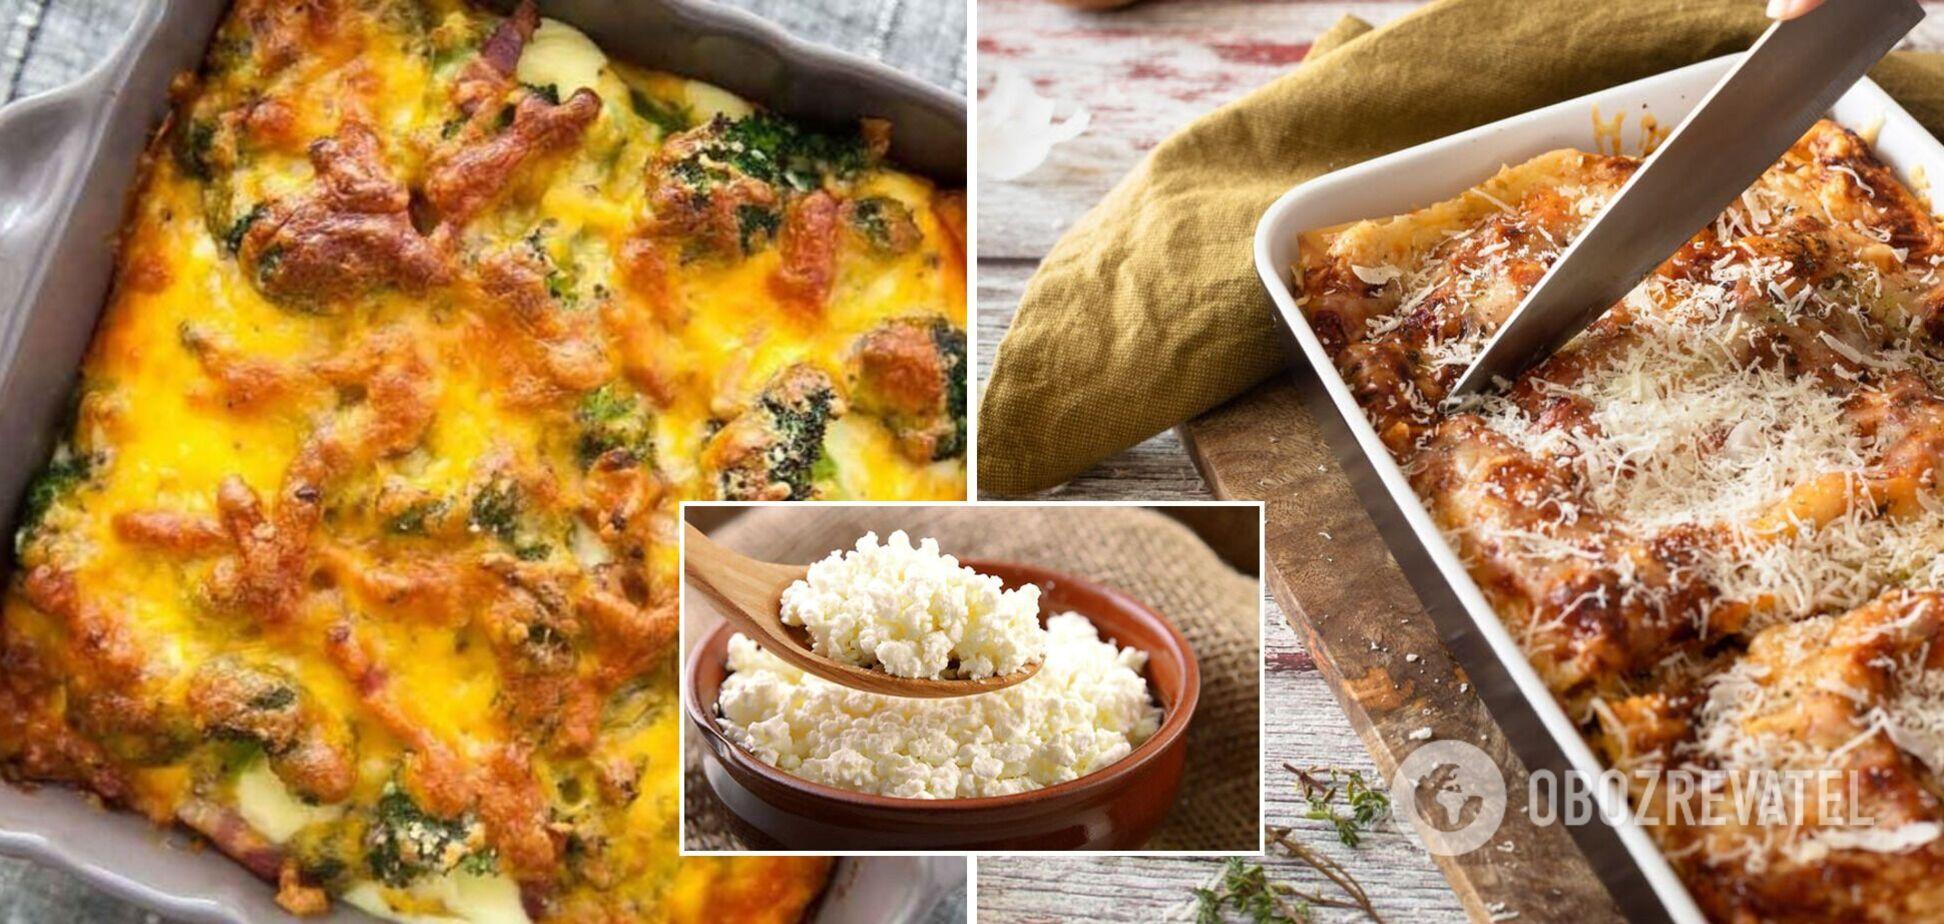 Ленивая запеканка с мясом, сыром и овощами: просто и быстро